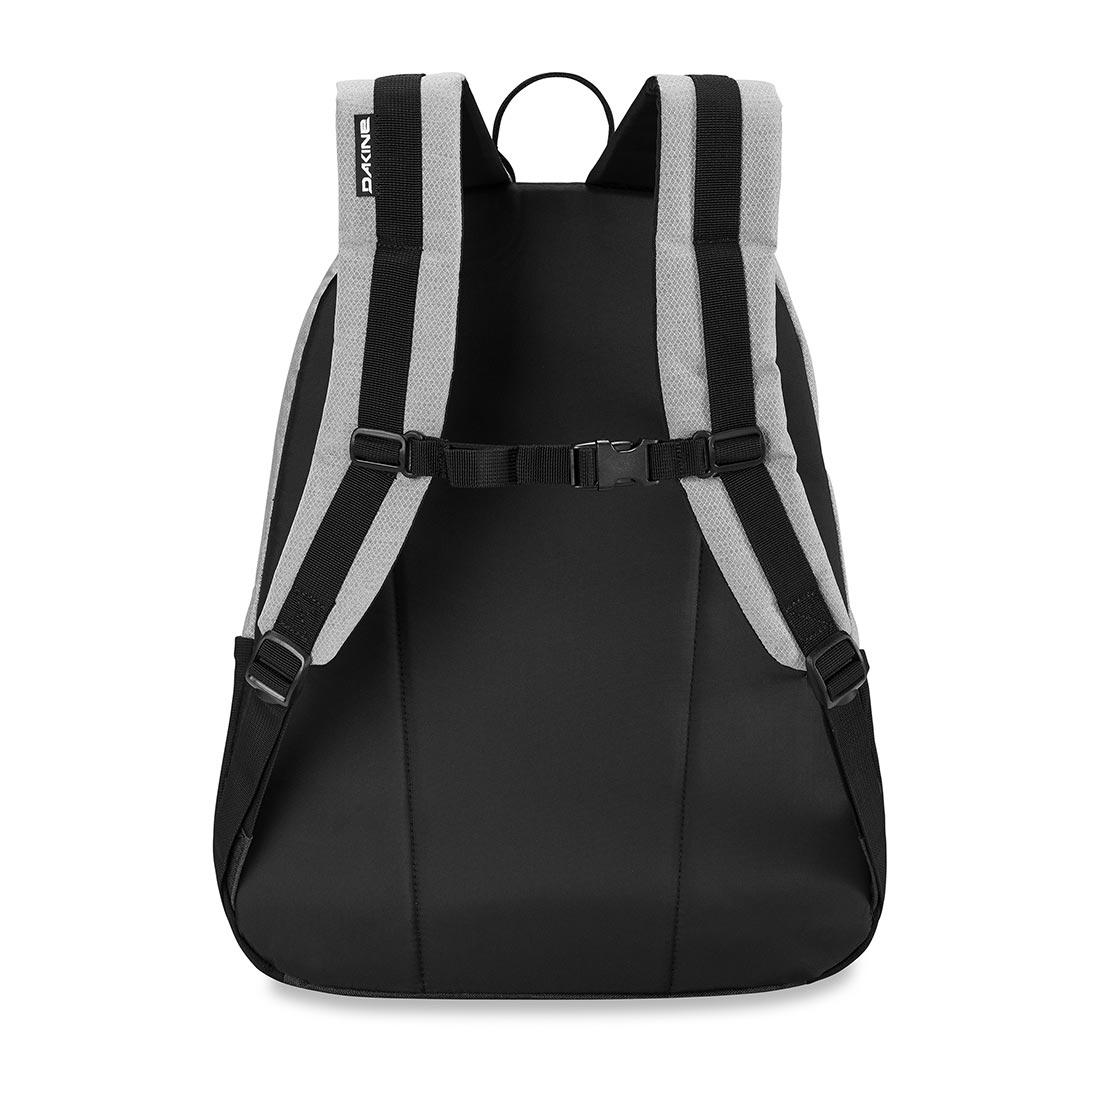 c827756f607 ... Dakine-Wonder-22L-Backpack-Laurelwood-01. Home>Shop ...